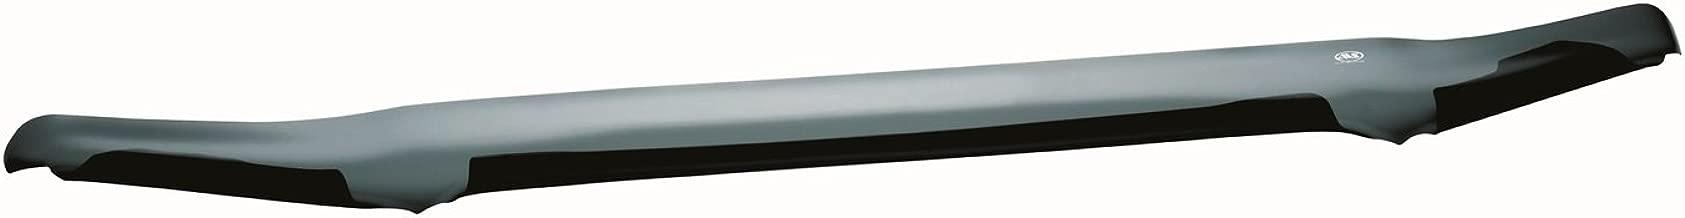 Auto Ventshade 25956 Hood Shield